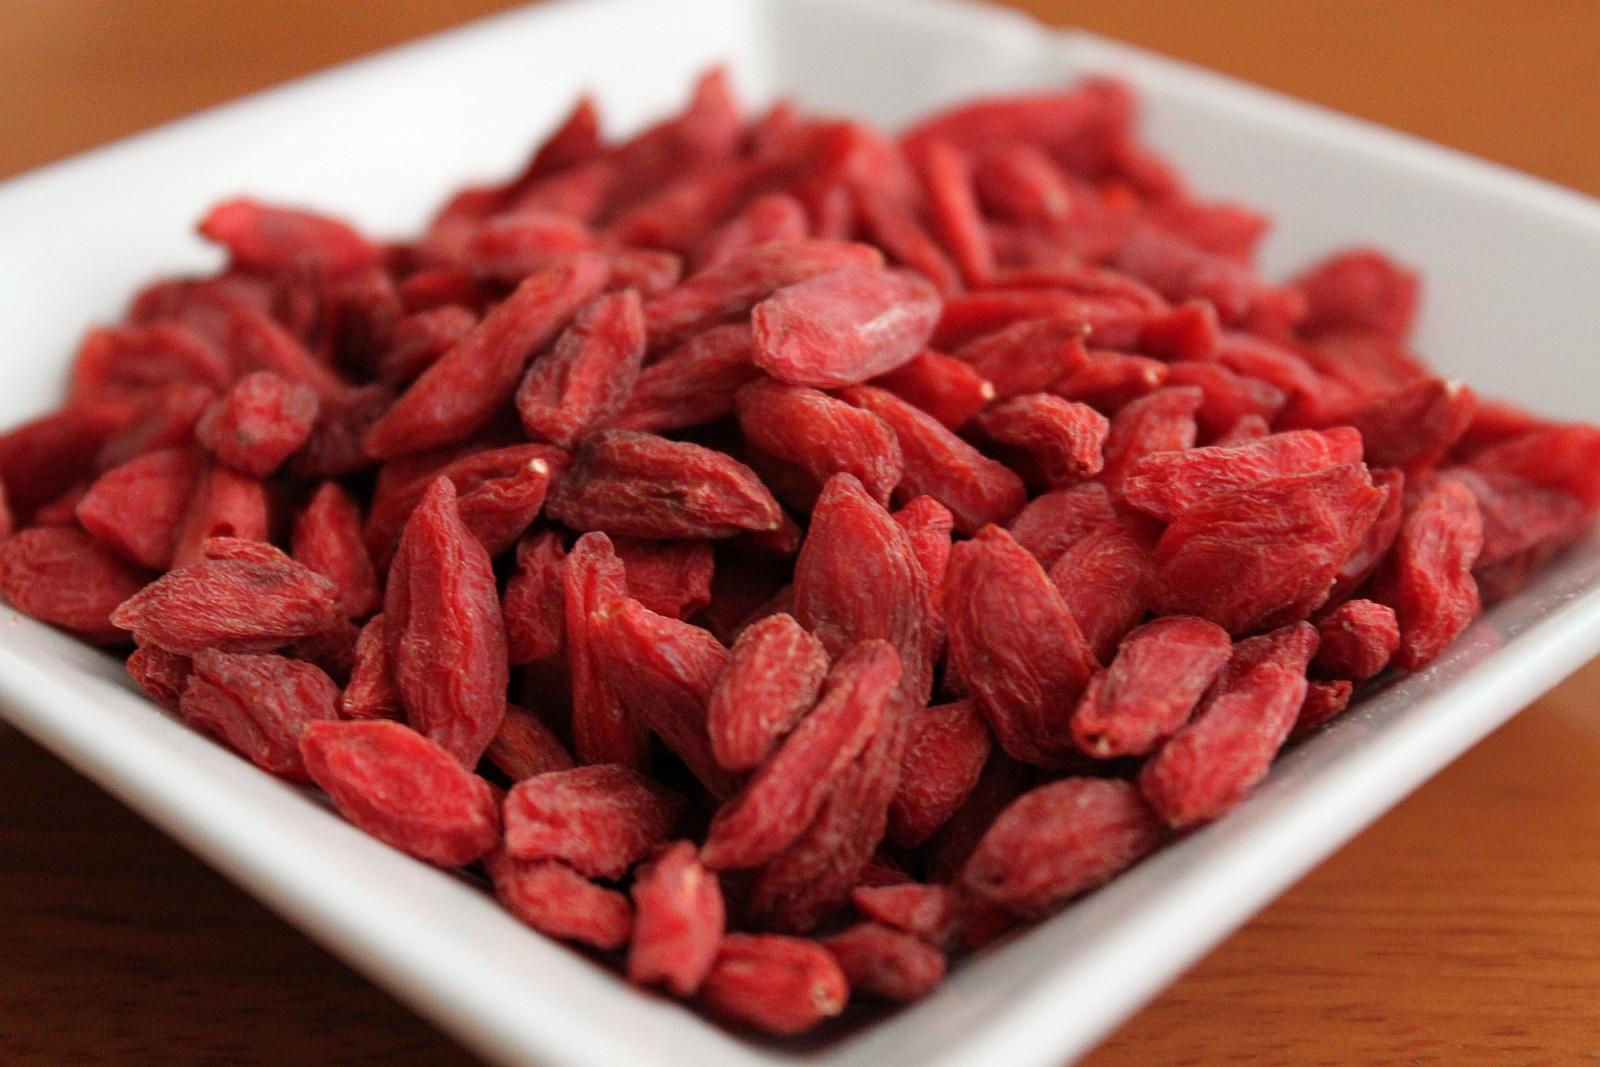 How to eat goji berries 99